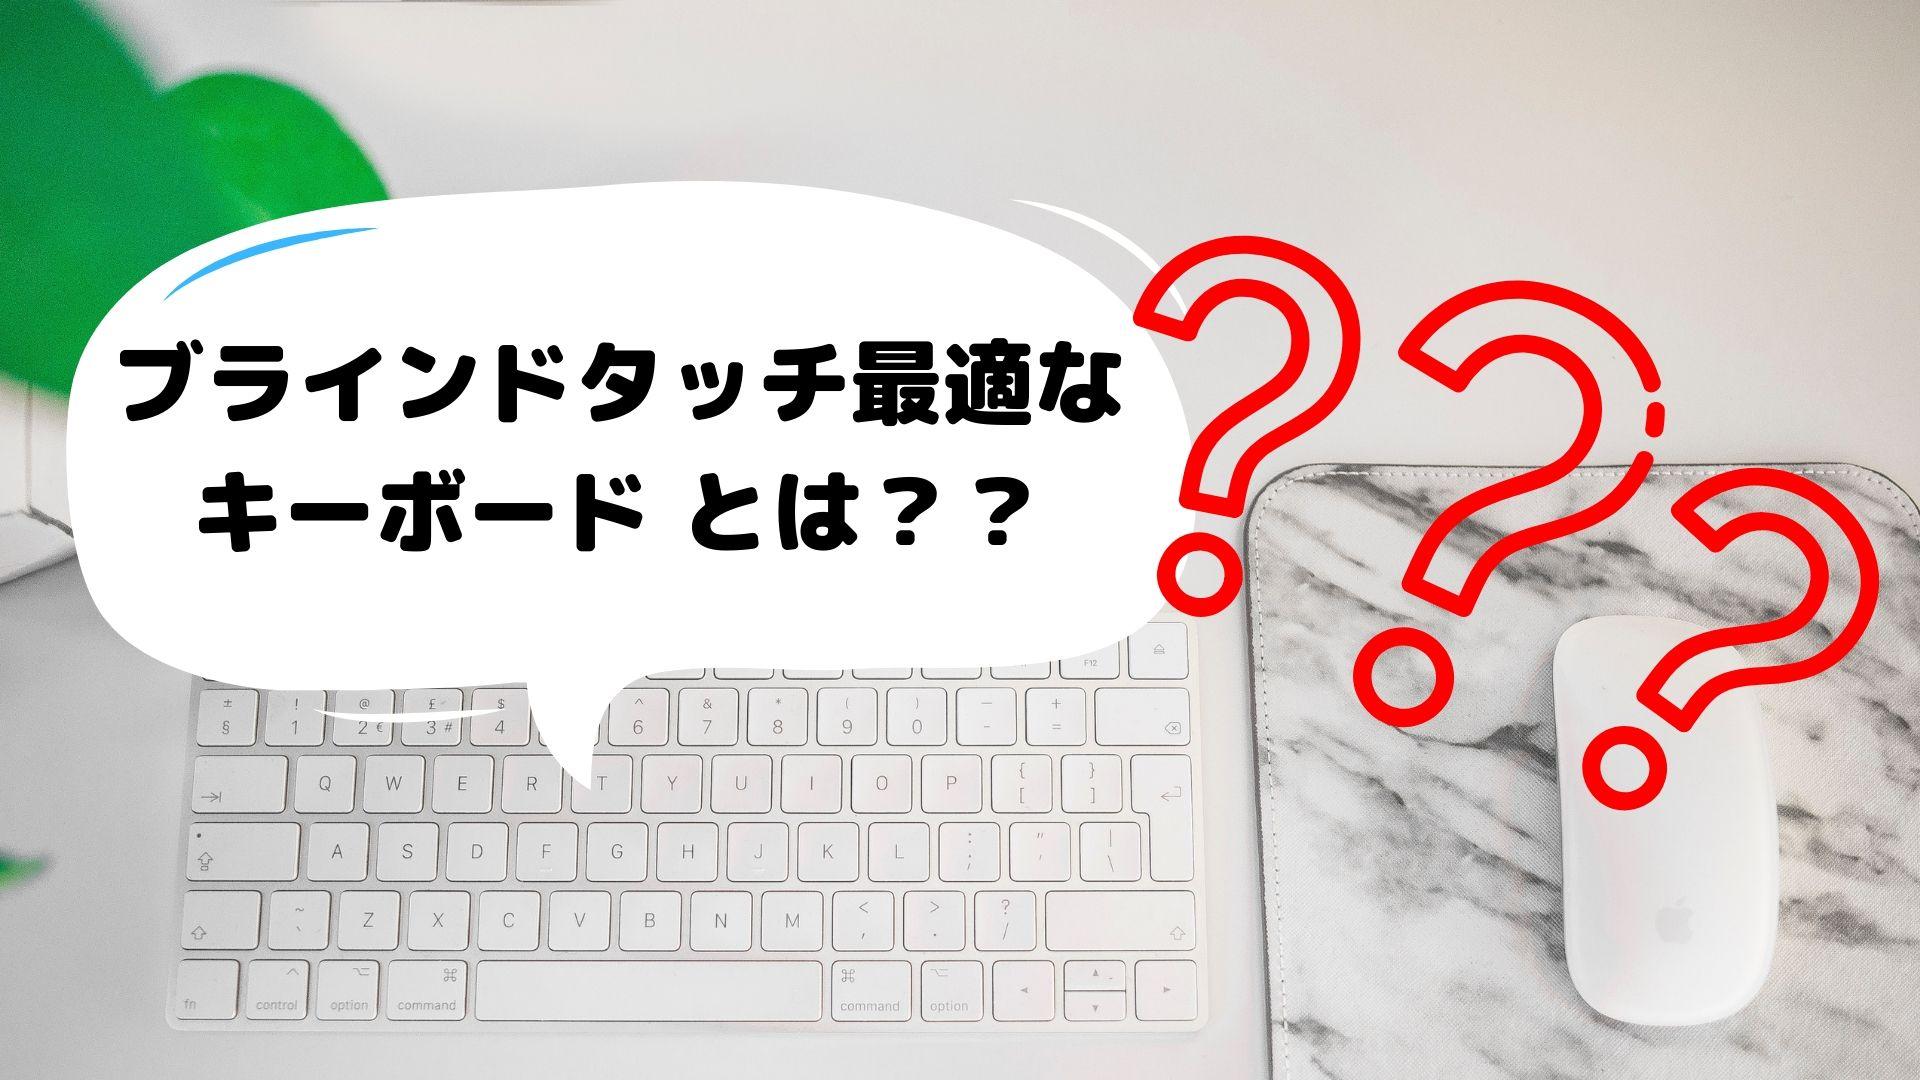 ブラインドタッチ(タッチタイピング)にオススメなキーボードとは??